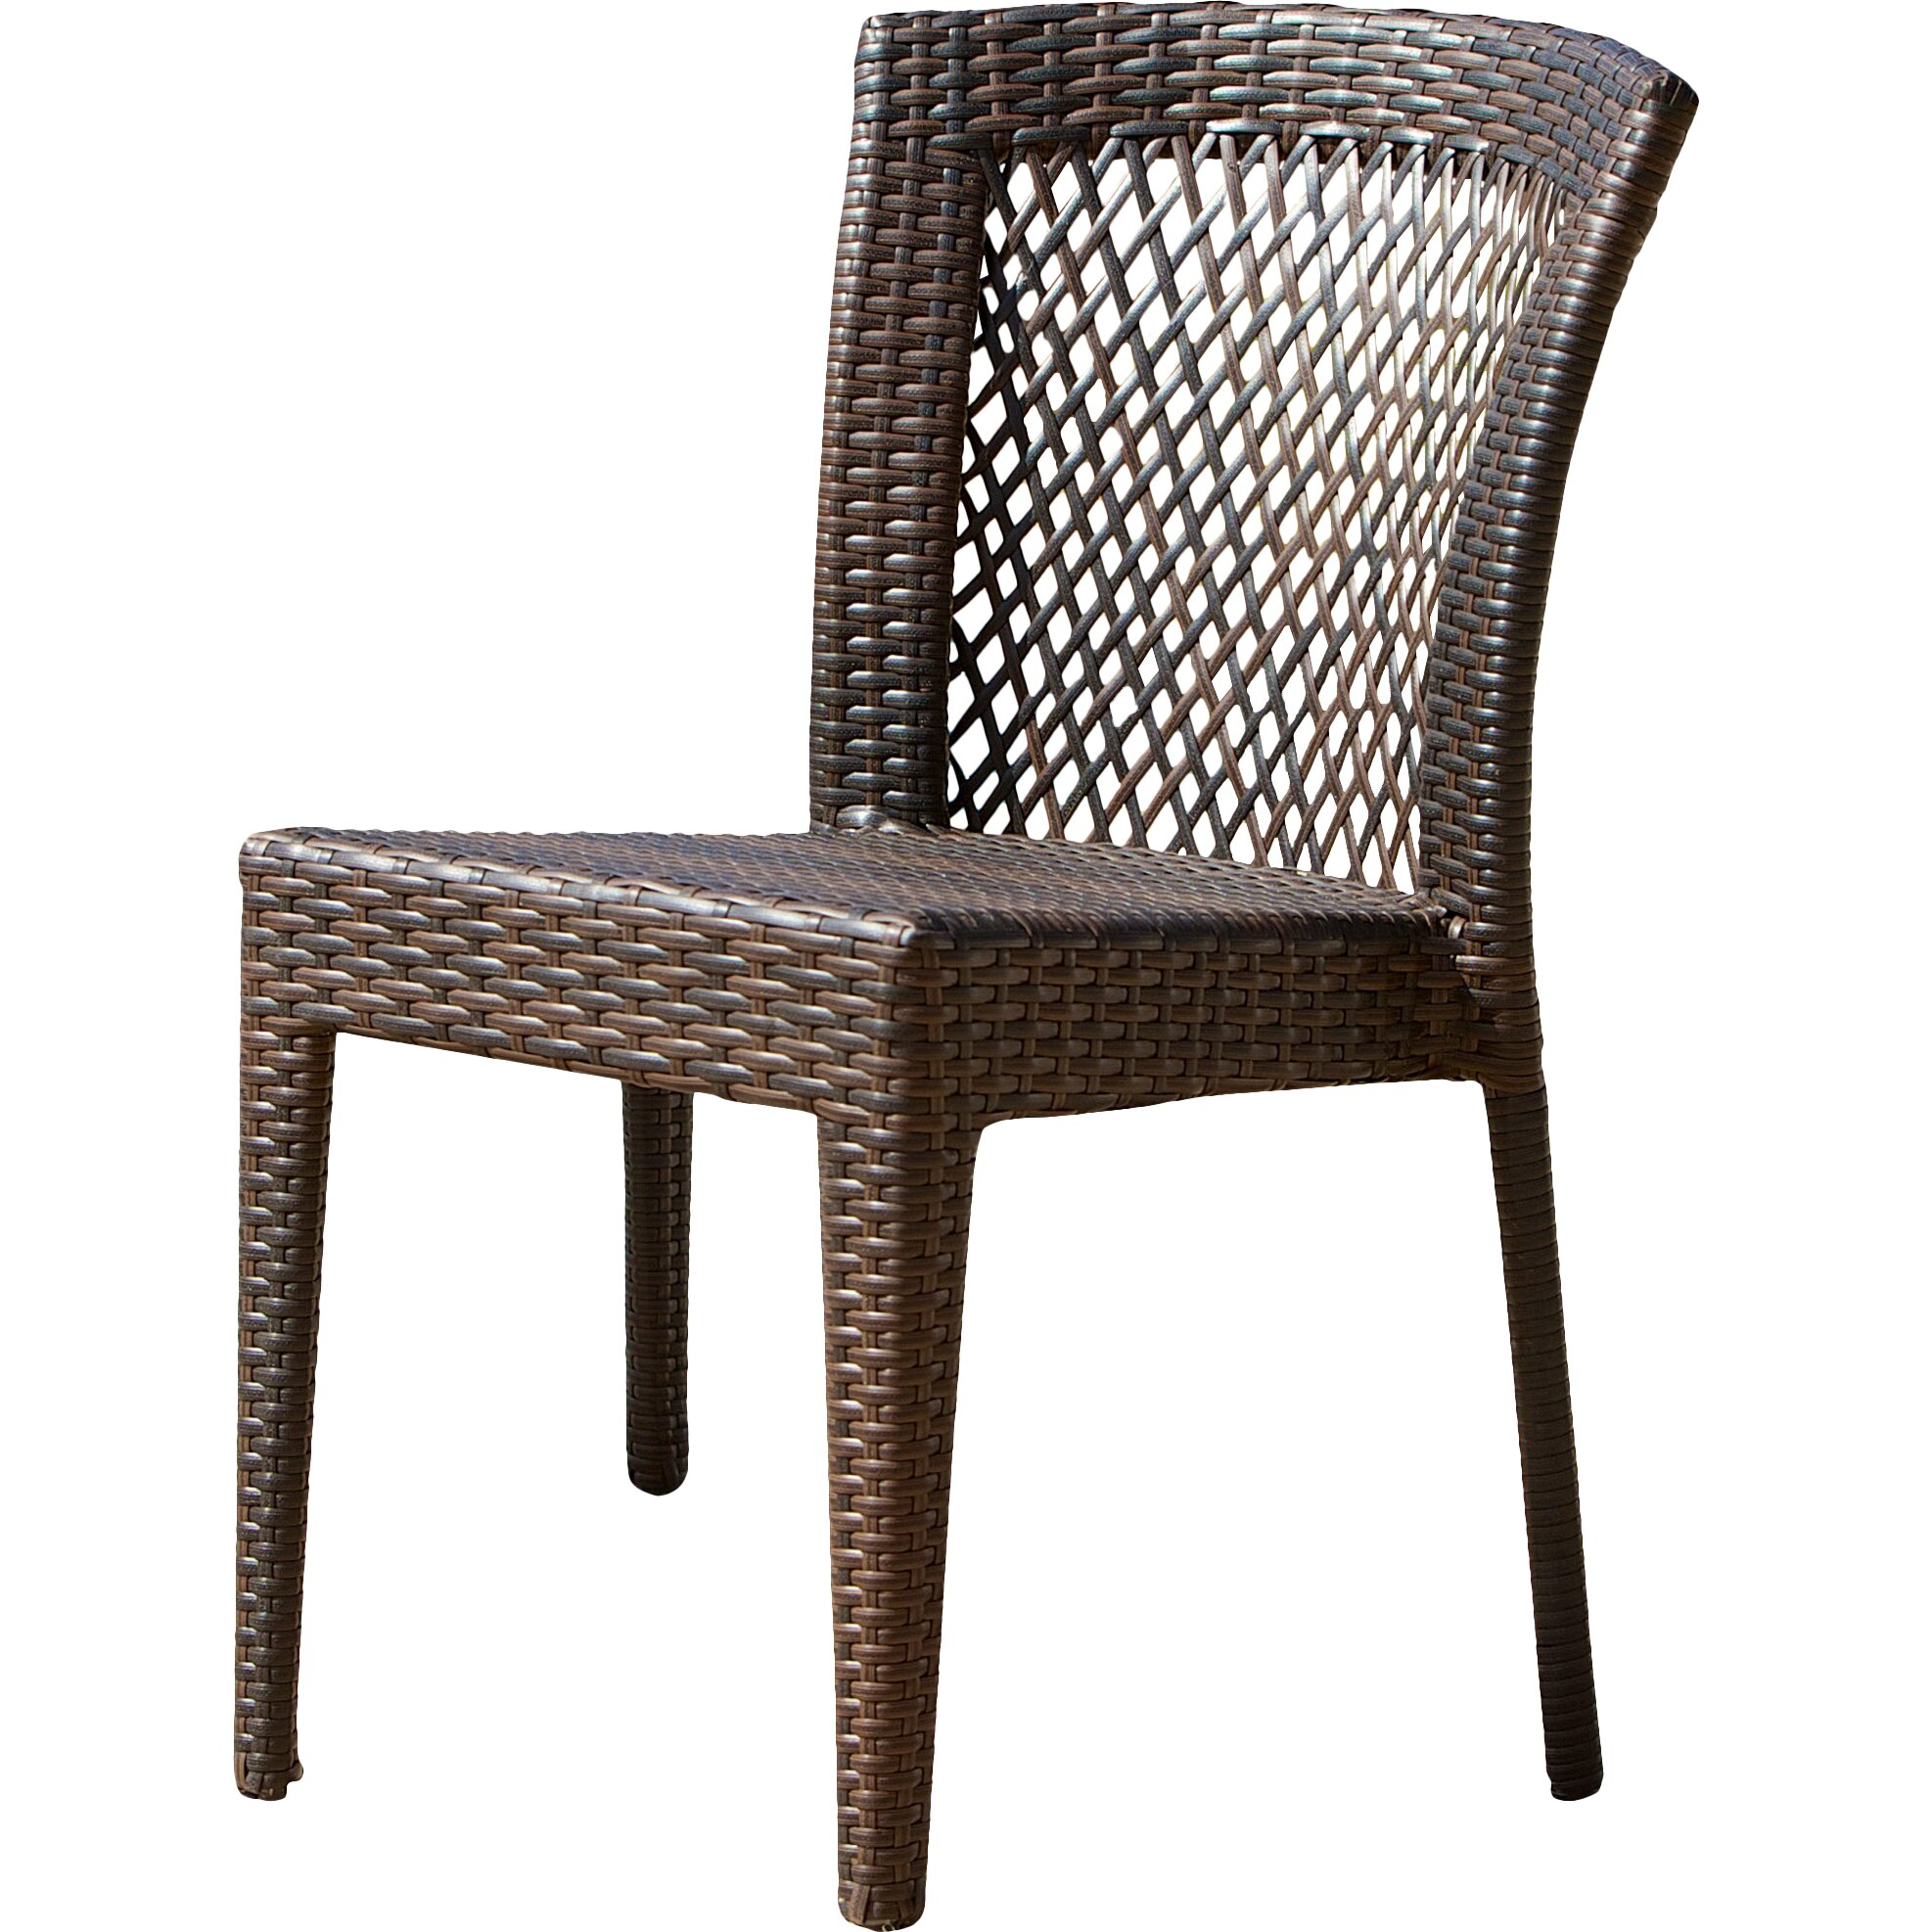 Dawson Outdoor Wicker Chair